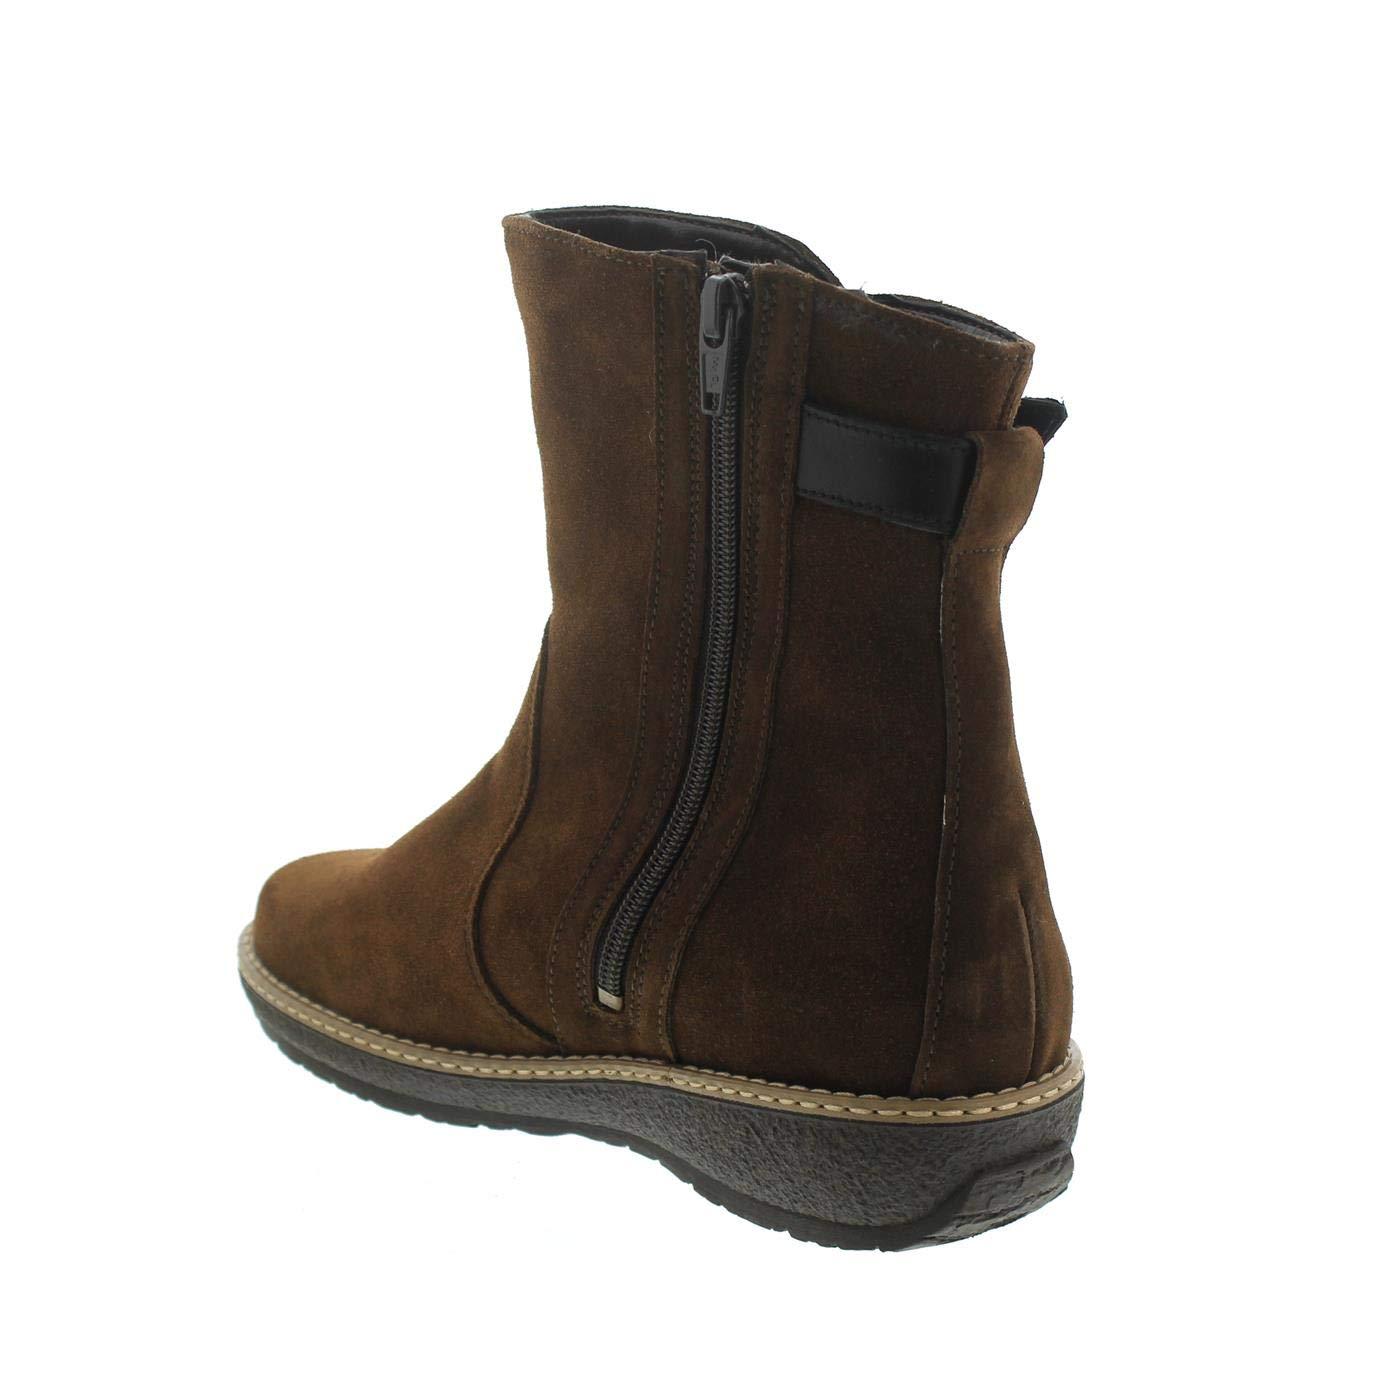 Waldläufer M Stiefel 533913 288 790 288 790  Amazon.de  Schuhe   Handtaschen 251002abb5